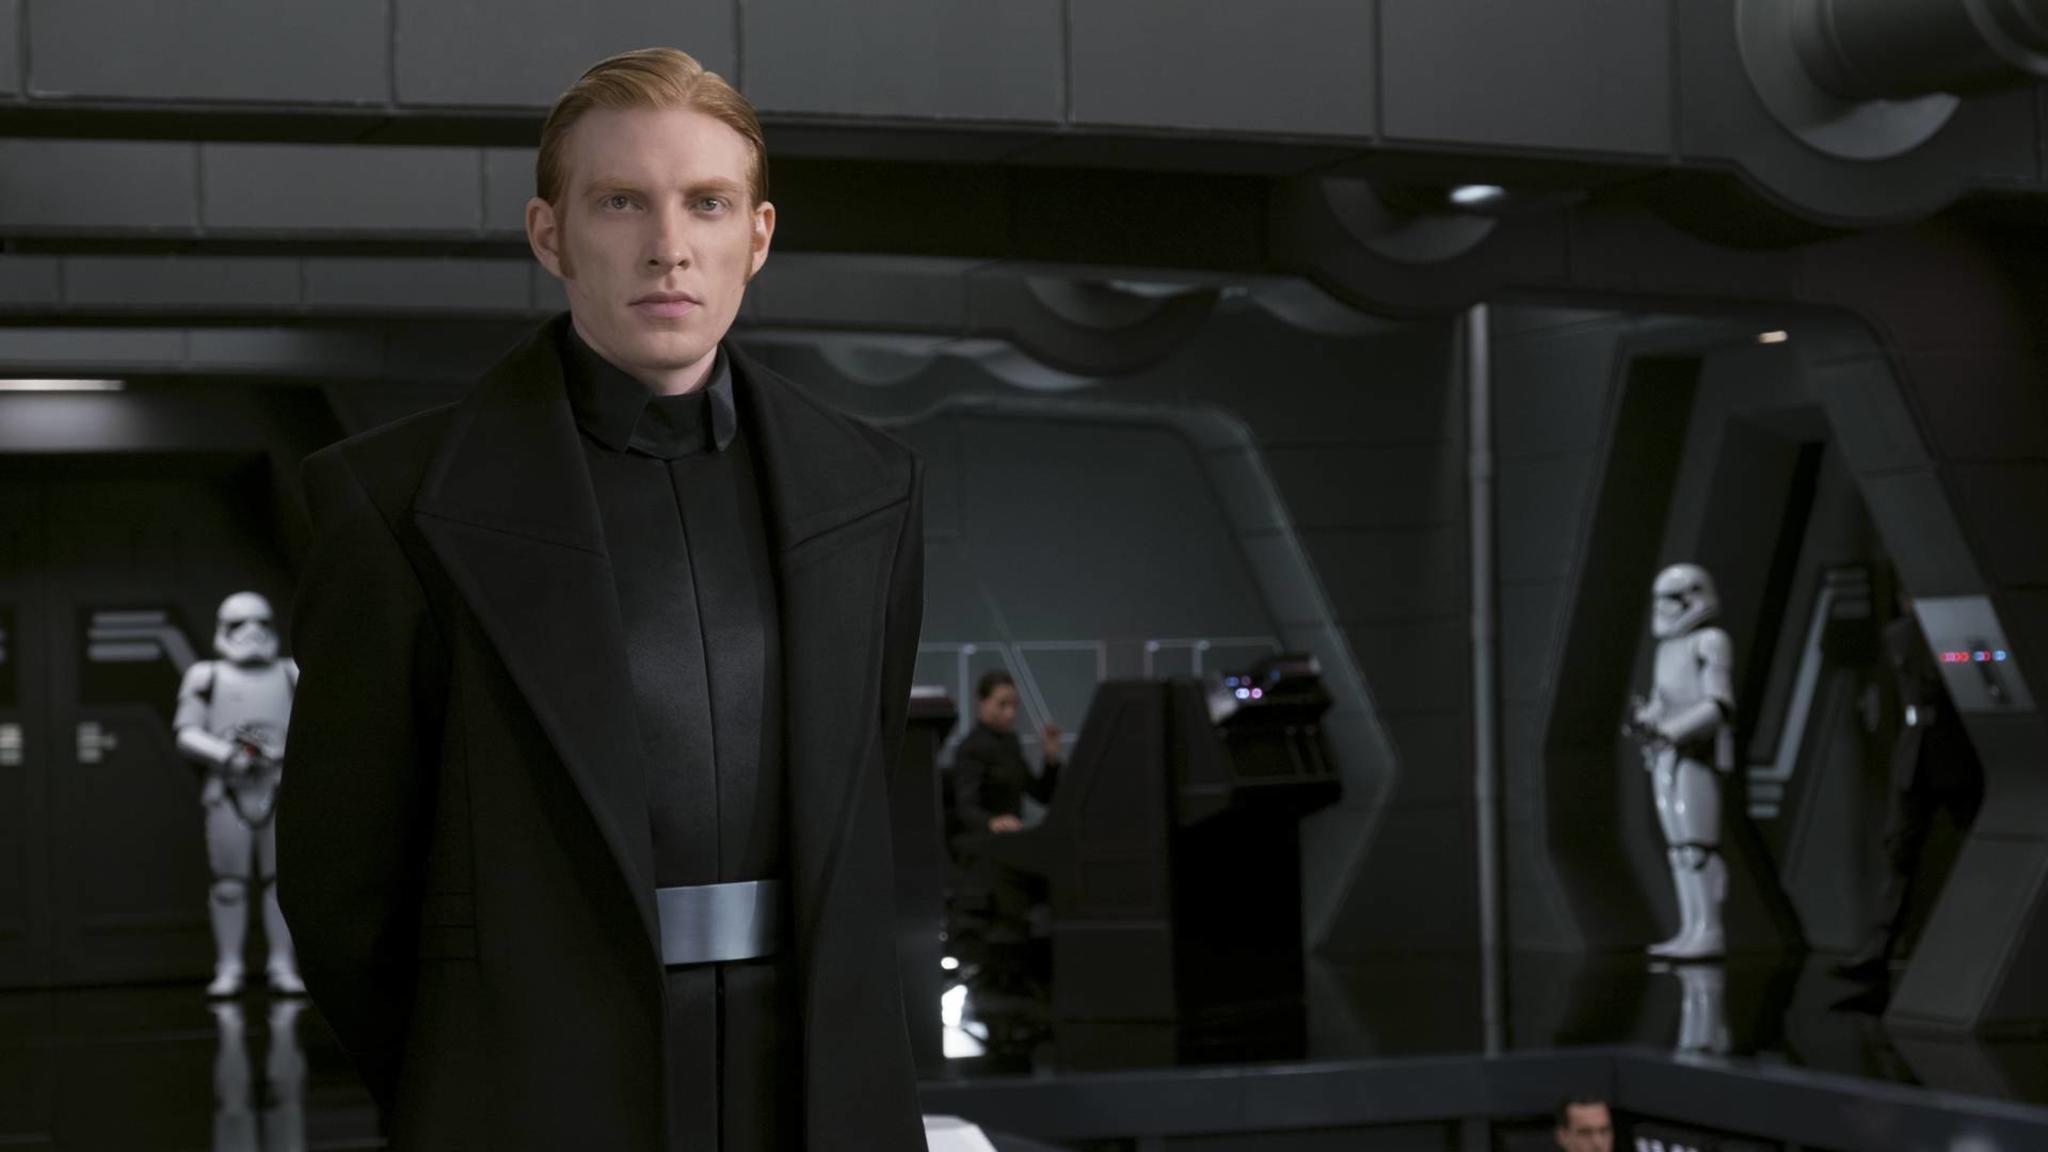 General-Hux-Darsteller Domhnall Gleeson verspricht Überraschungen für Episode 9 der Sternensaga,